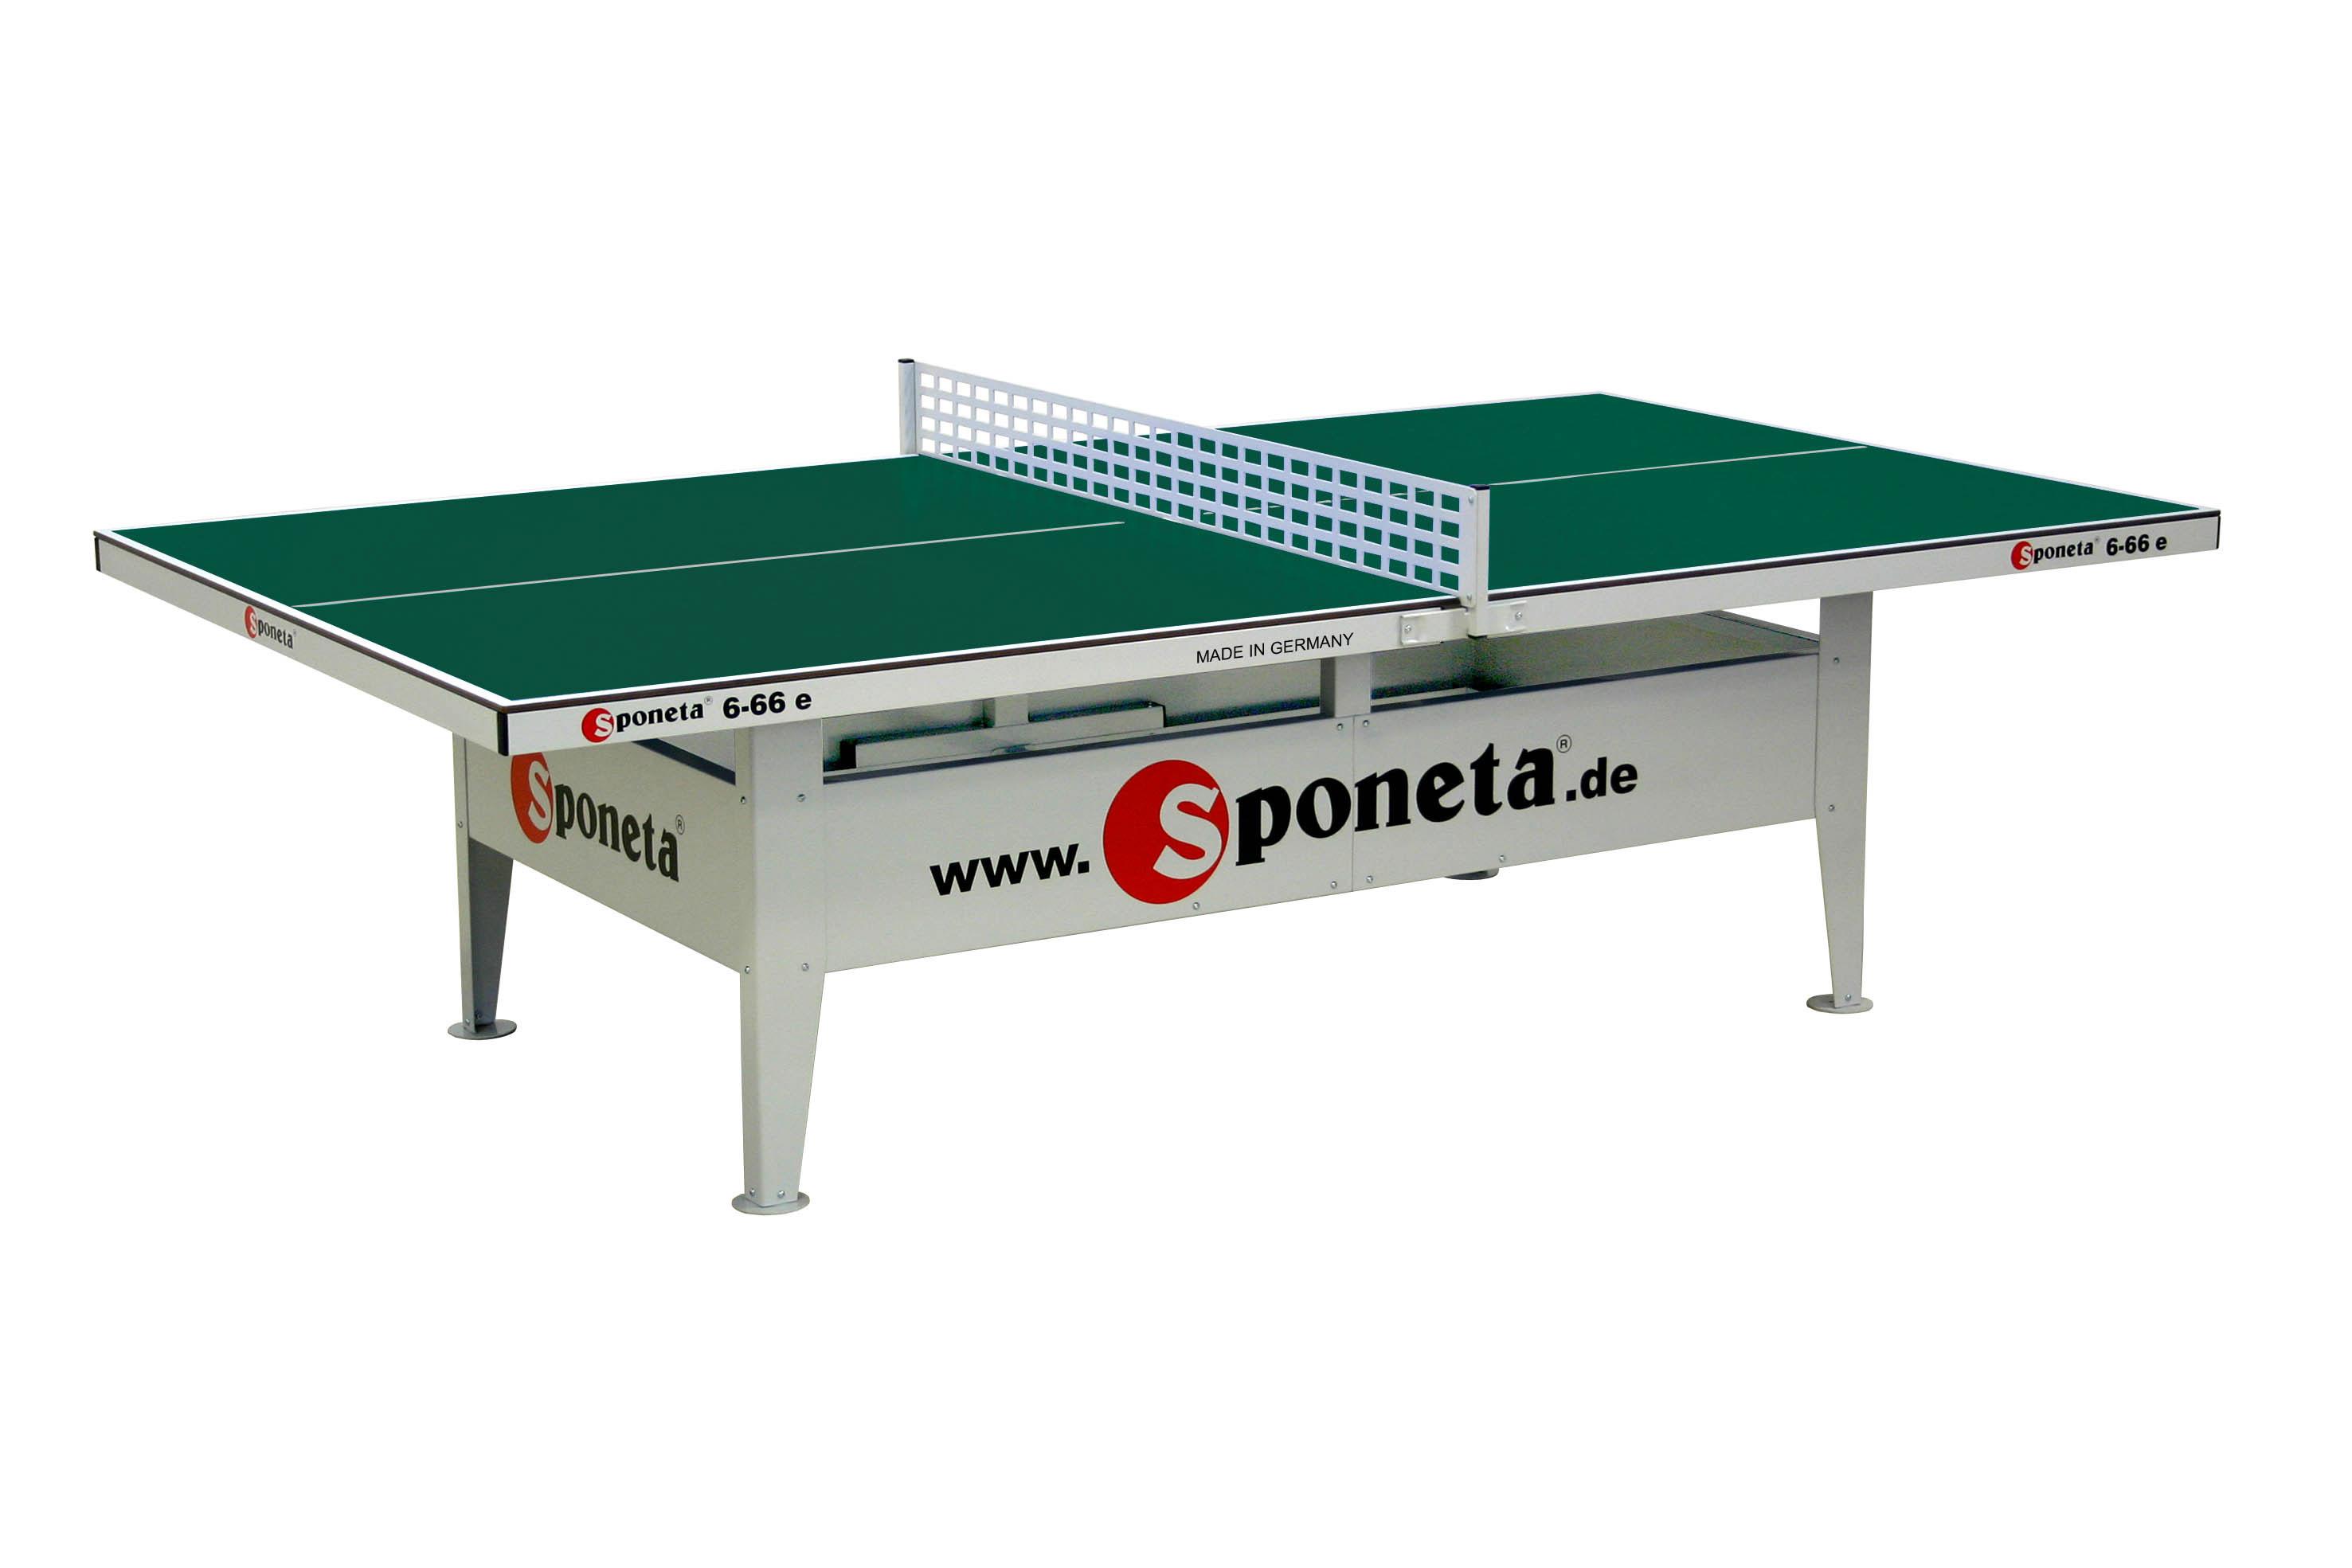 """Sponeta Outdoor-Tischtennisplatte """"S 6-66 e Activeline"""" 239.5419"""